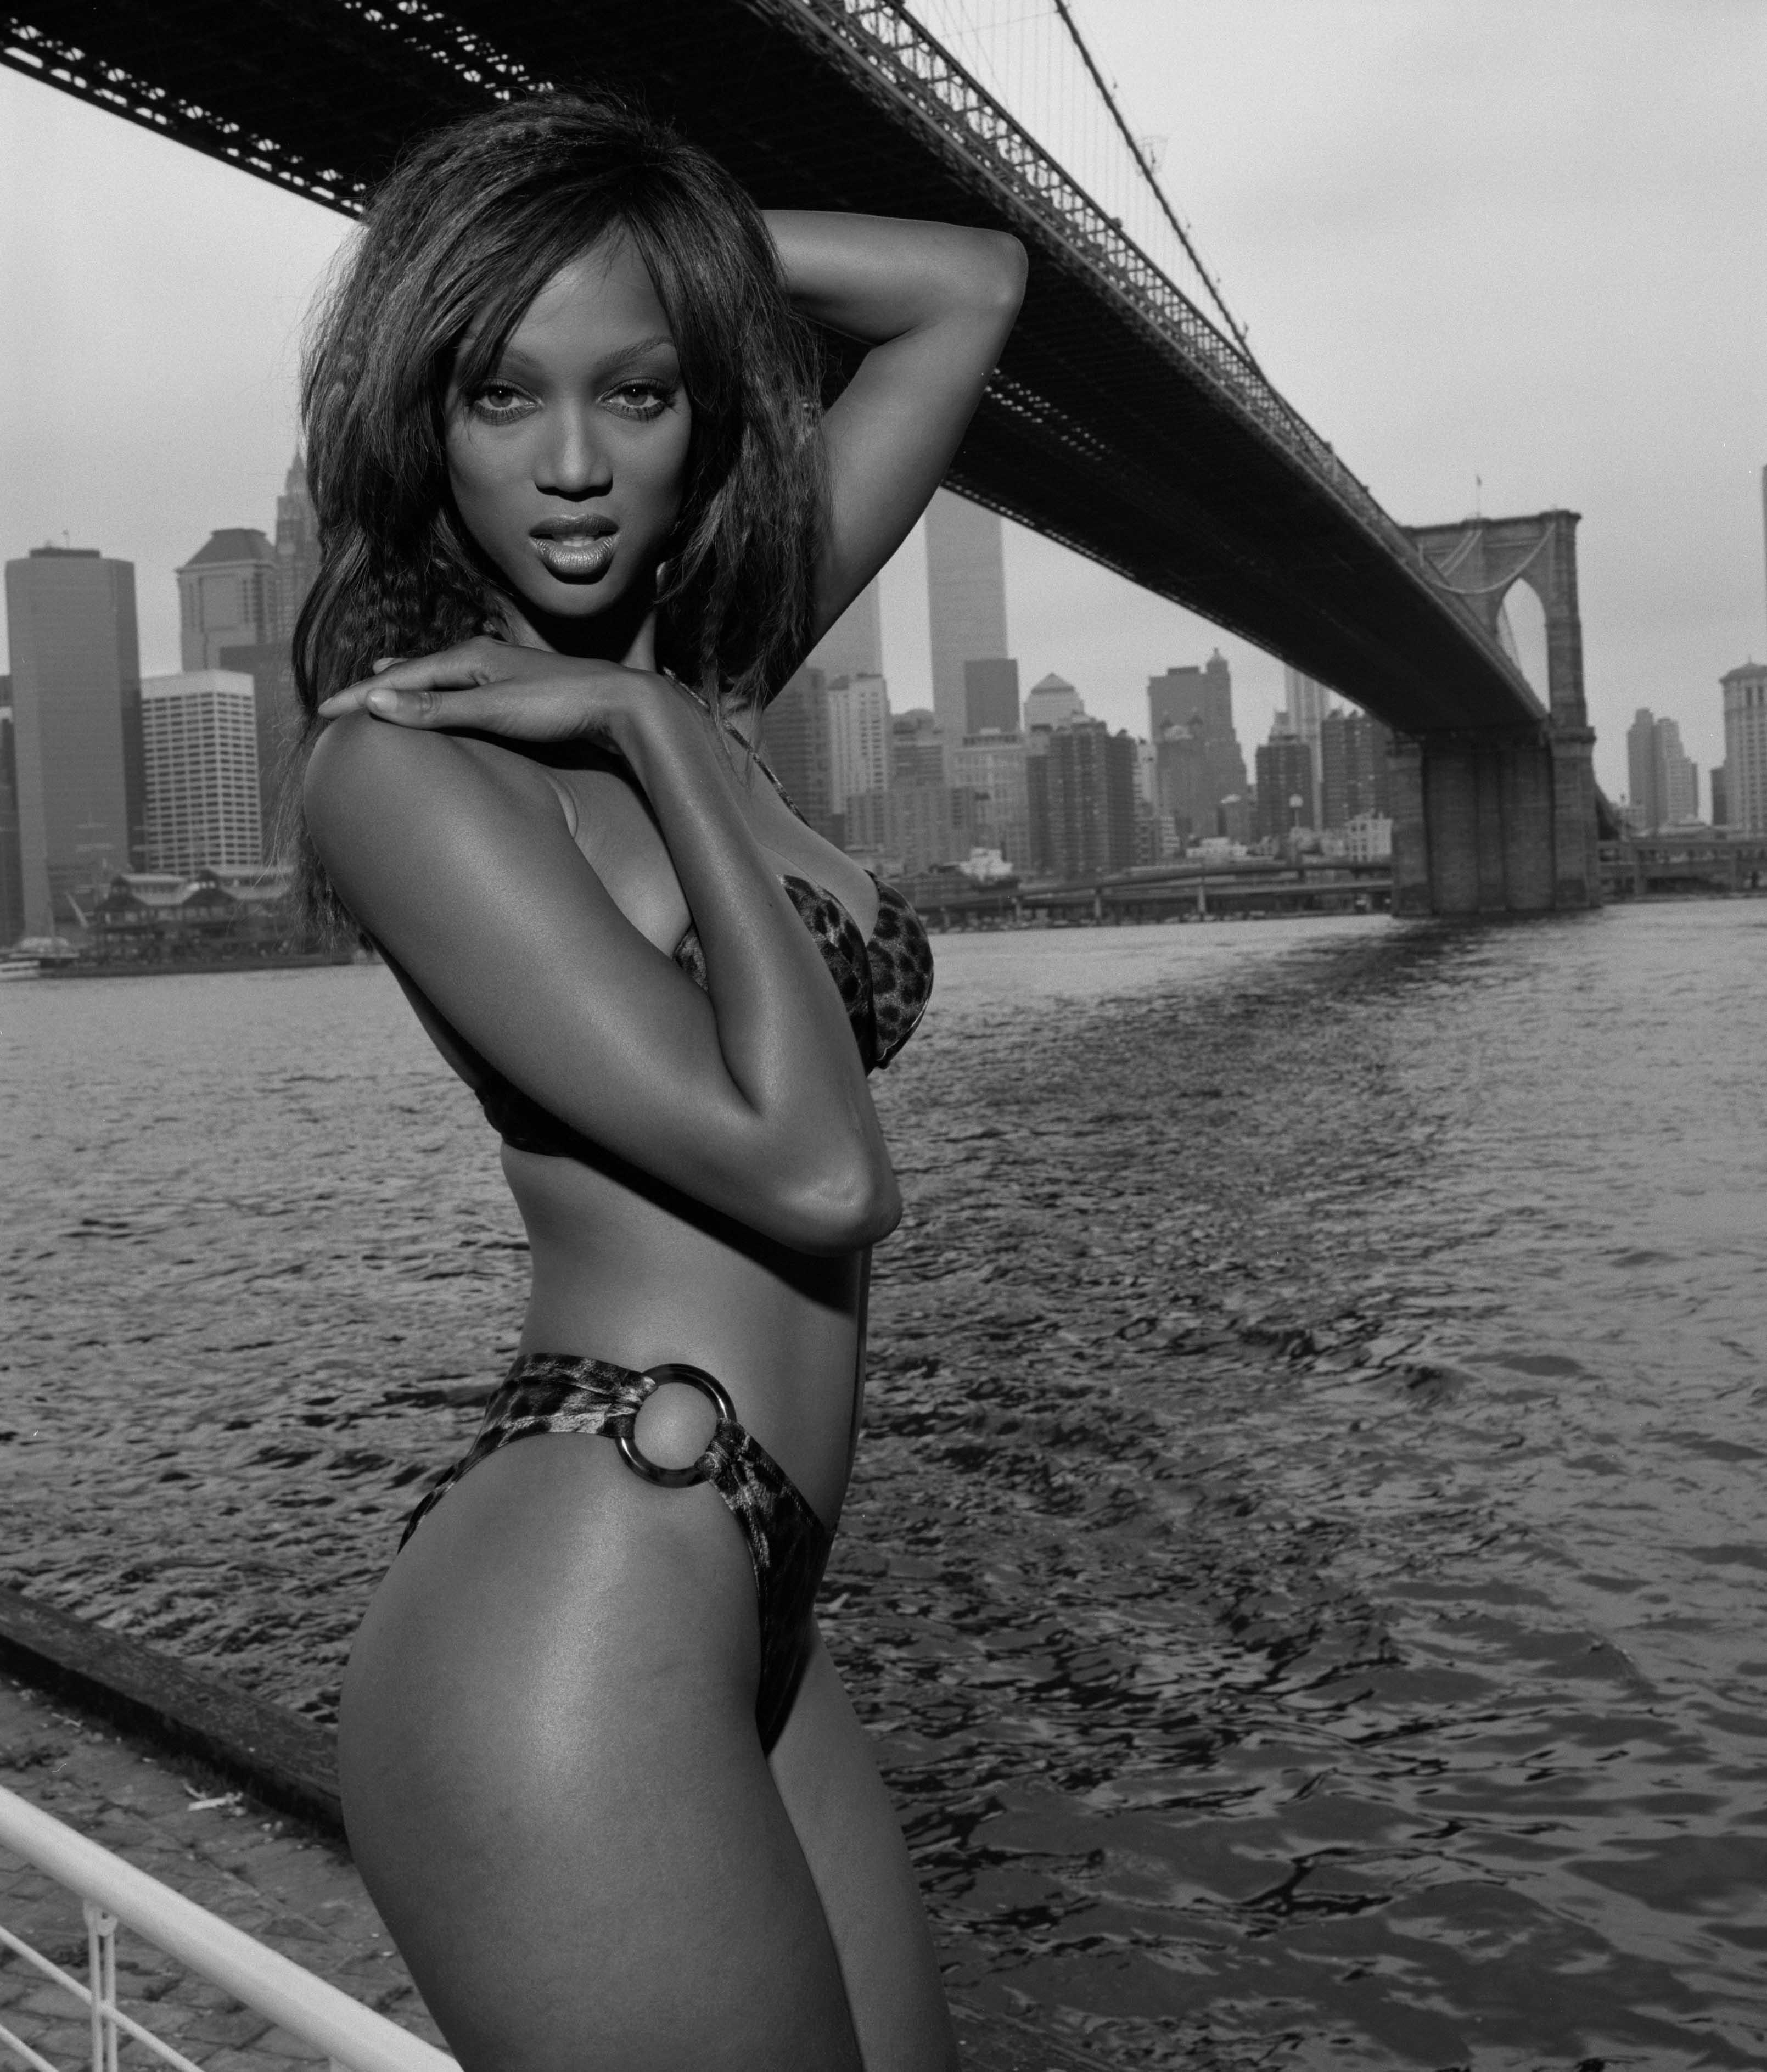 New Tyra Banks: Tyra Banks Photo Gallery - Page #8